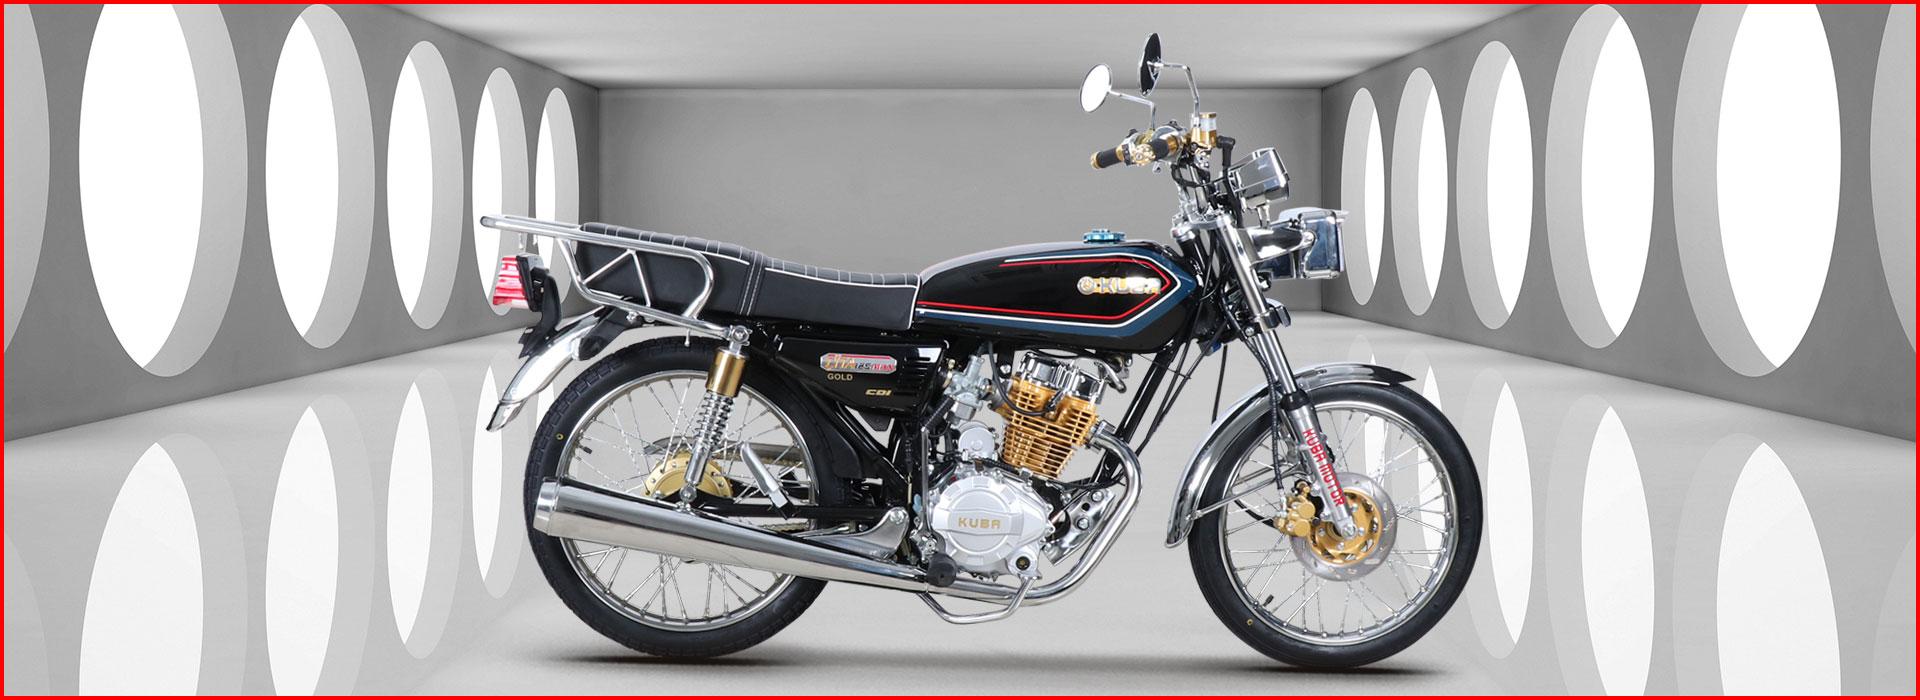 Kuba-ÇİTA-100R-MAX-GOLD-Yakıt-Tüketimi-ve-Teknik-Özellikleri